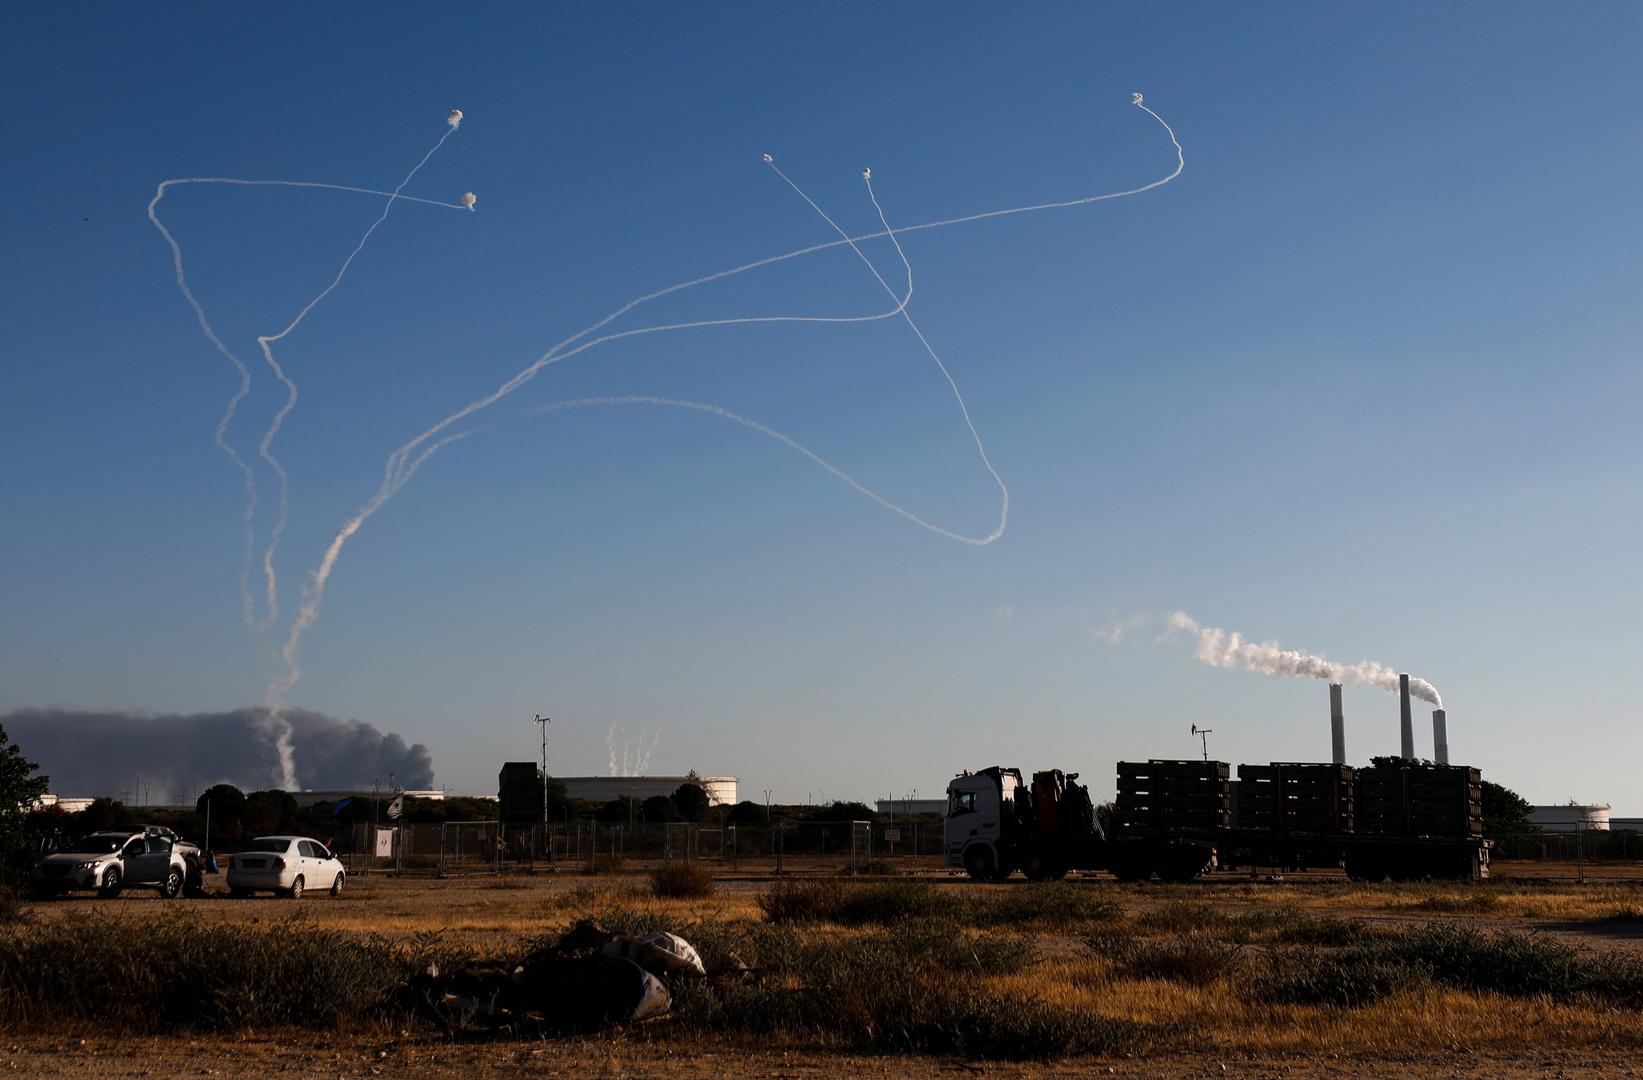 """محاولة اعتراض صواريخ تم إطلاقها من قطاع غزة باتجاه الأراضي الإسرائيلية عبر نظام """"القبة الحديدية"""""""